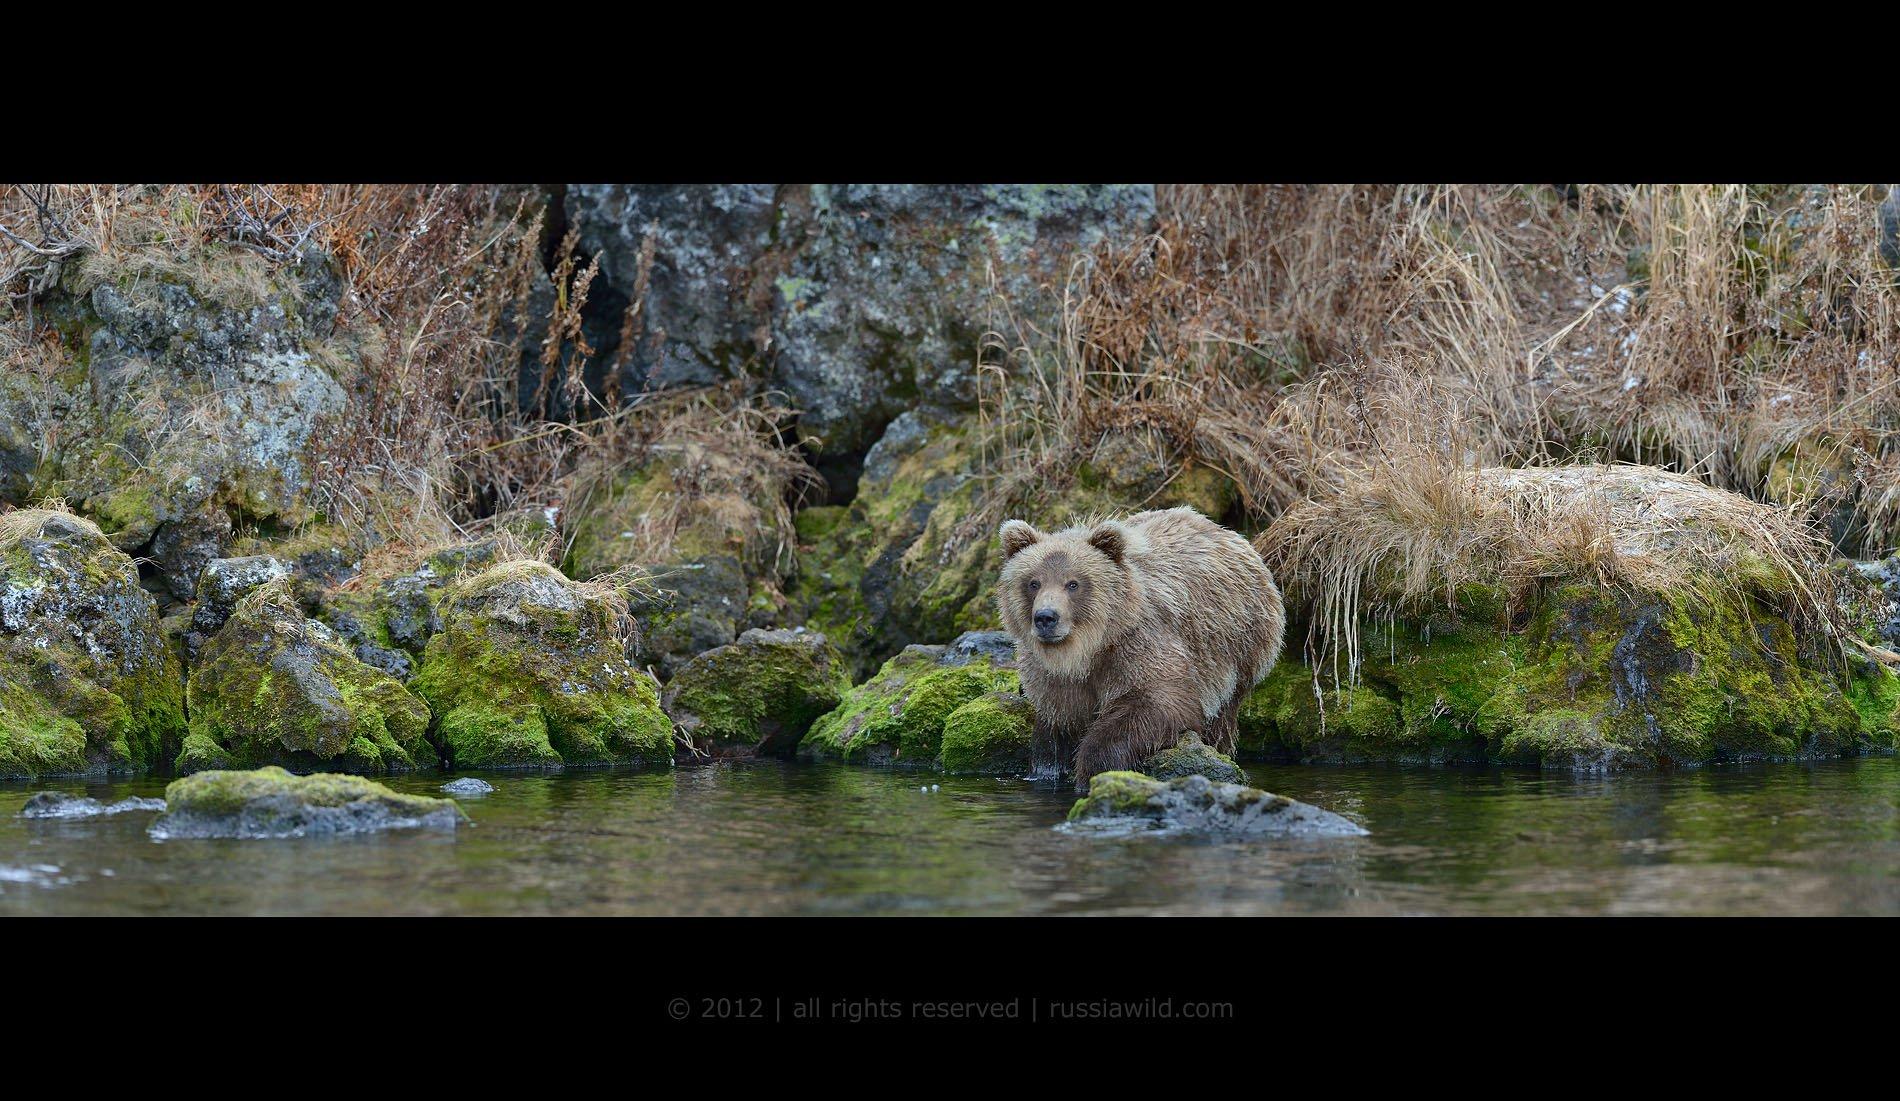 Дикая природа россии, Медведь, Медвежонок, Южно-камчатский заказник, Николай Зиновьев